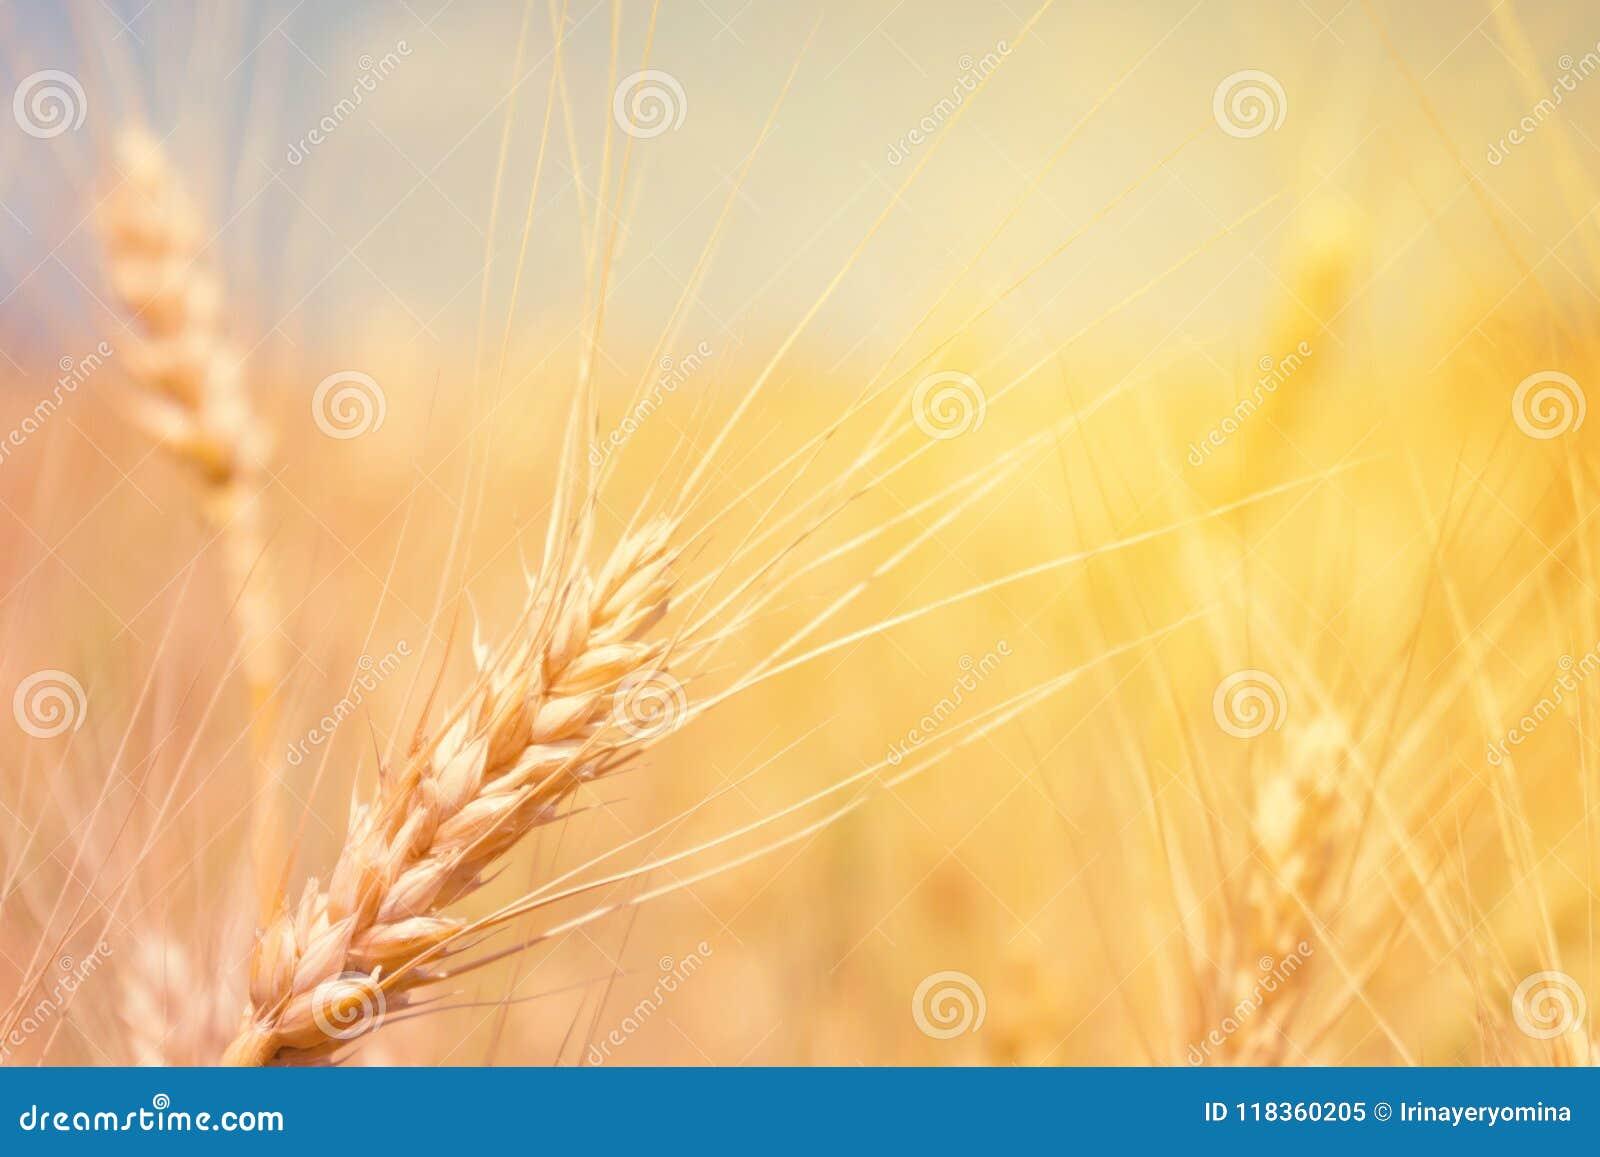 Naturprodukt för vetefält Spikelets av vete i solljusclos